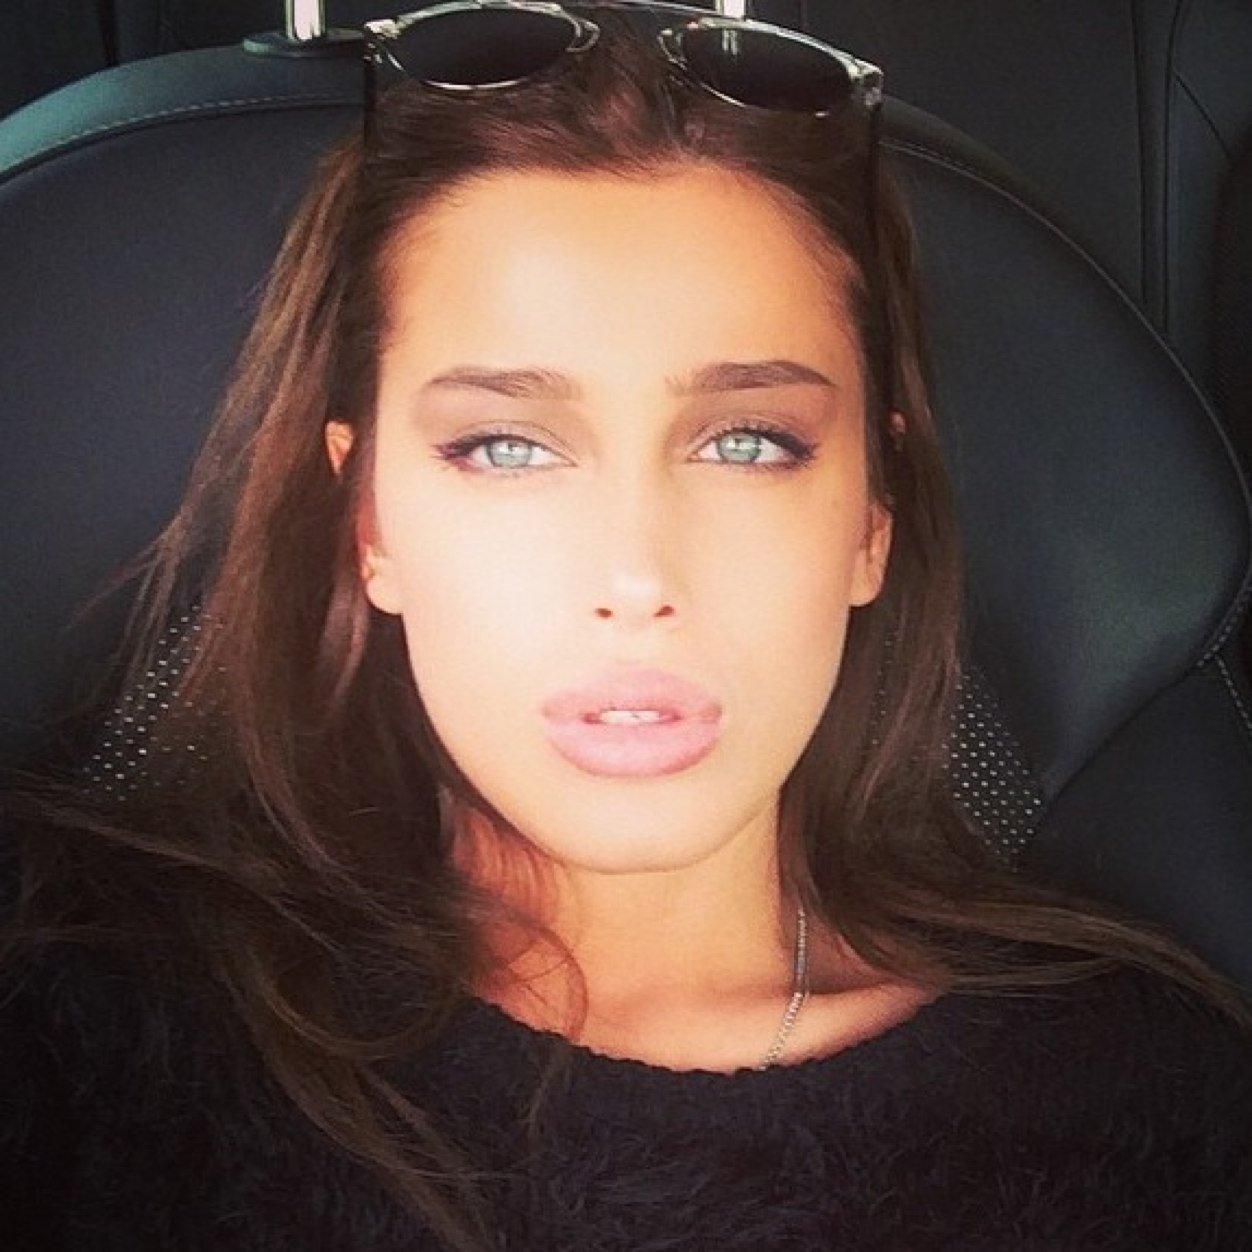 Miranda shelia (@mimishelini_) | Twitter